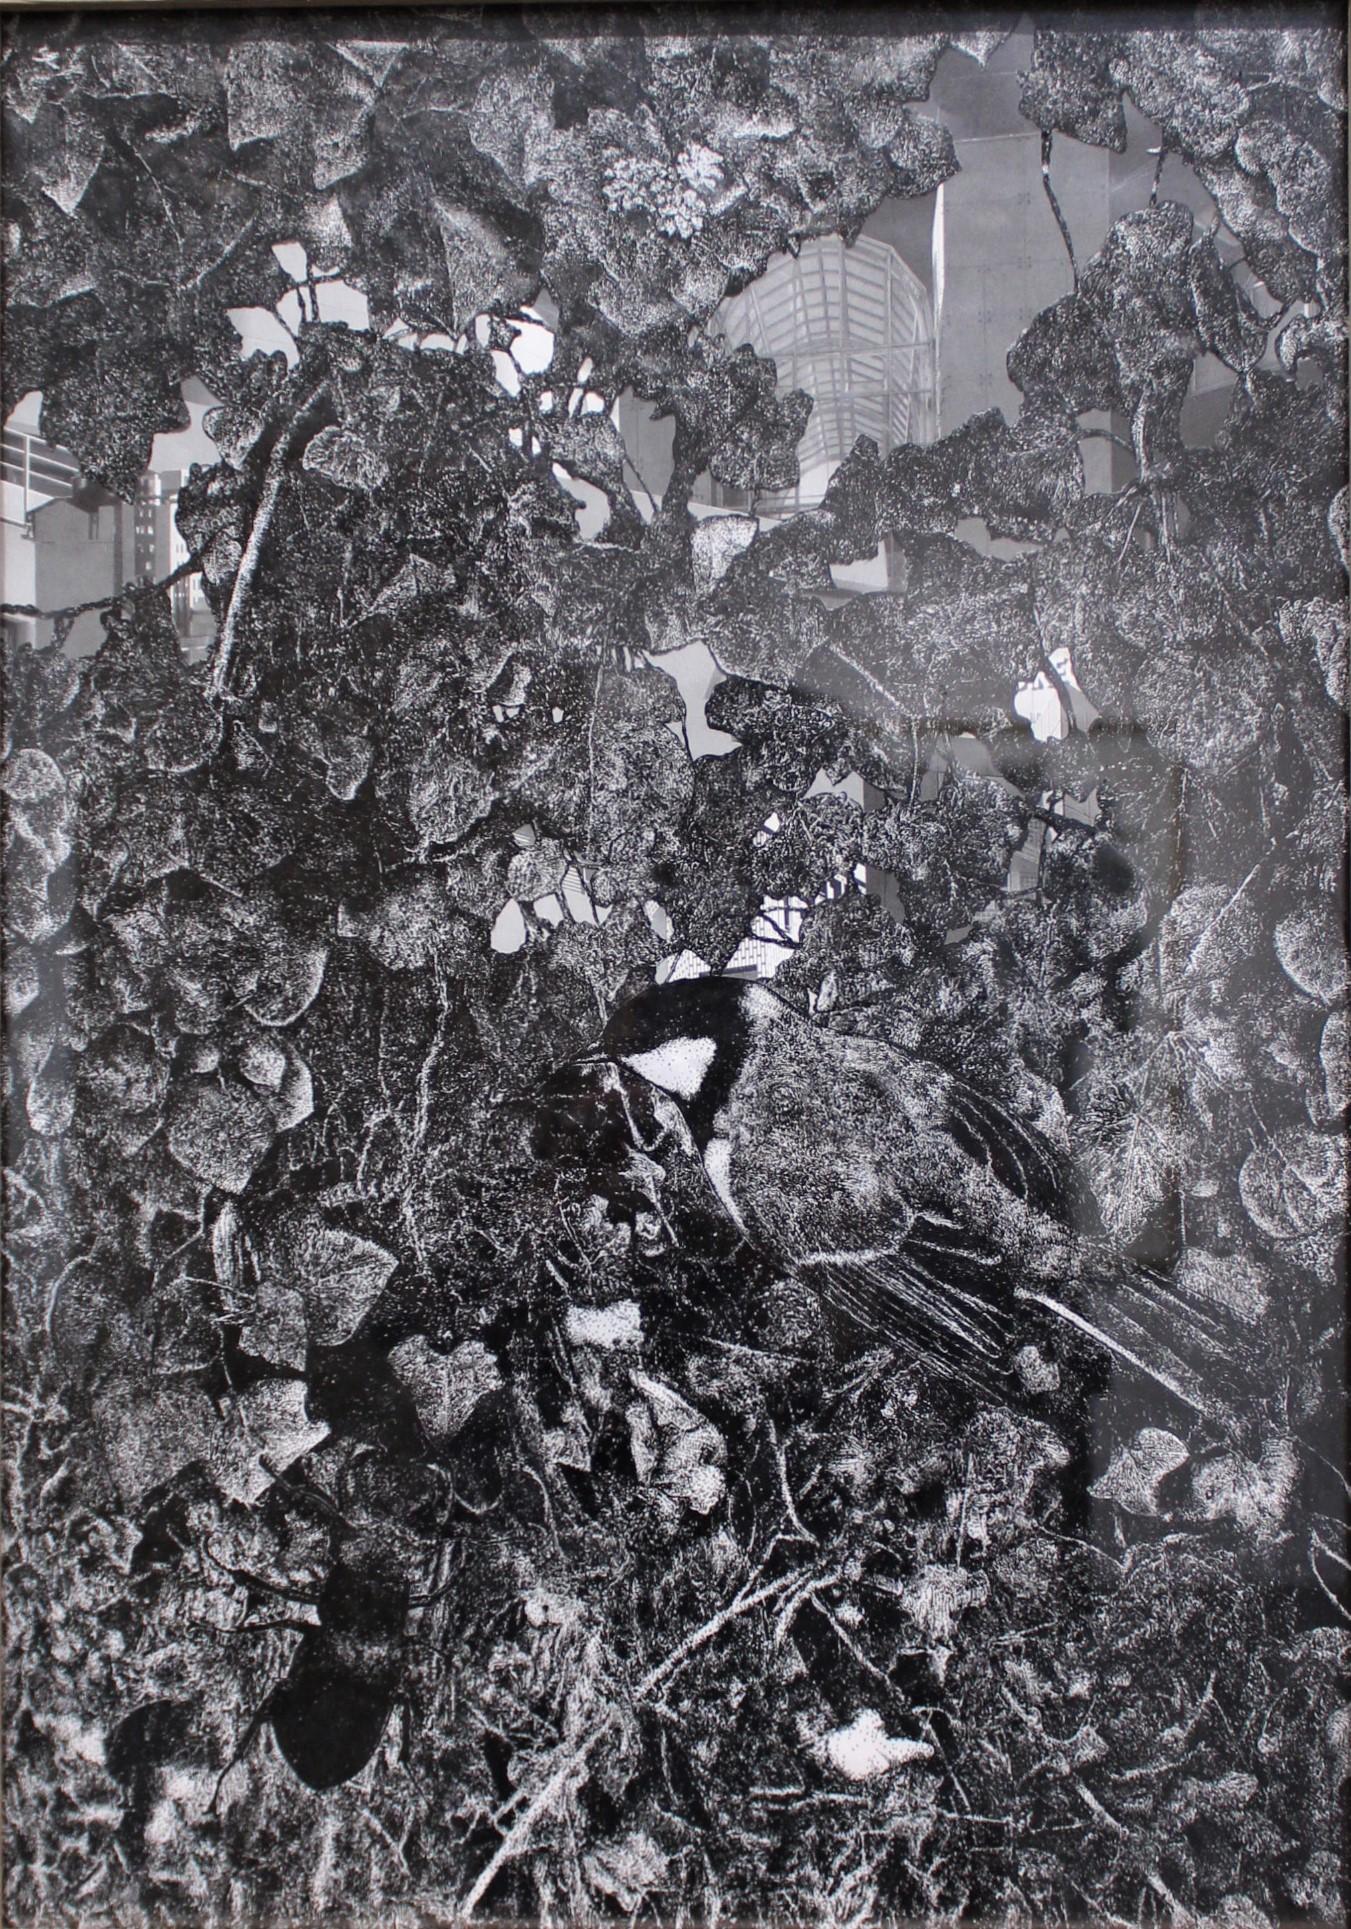 Quentin Montagne. A vol d'oiseau #3, 2019. 42 x 29.7 cm. Encre de Chine sur papier calque, photographie découpée, scotch.